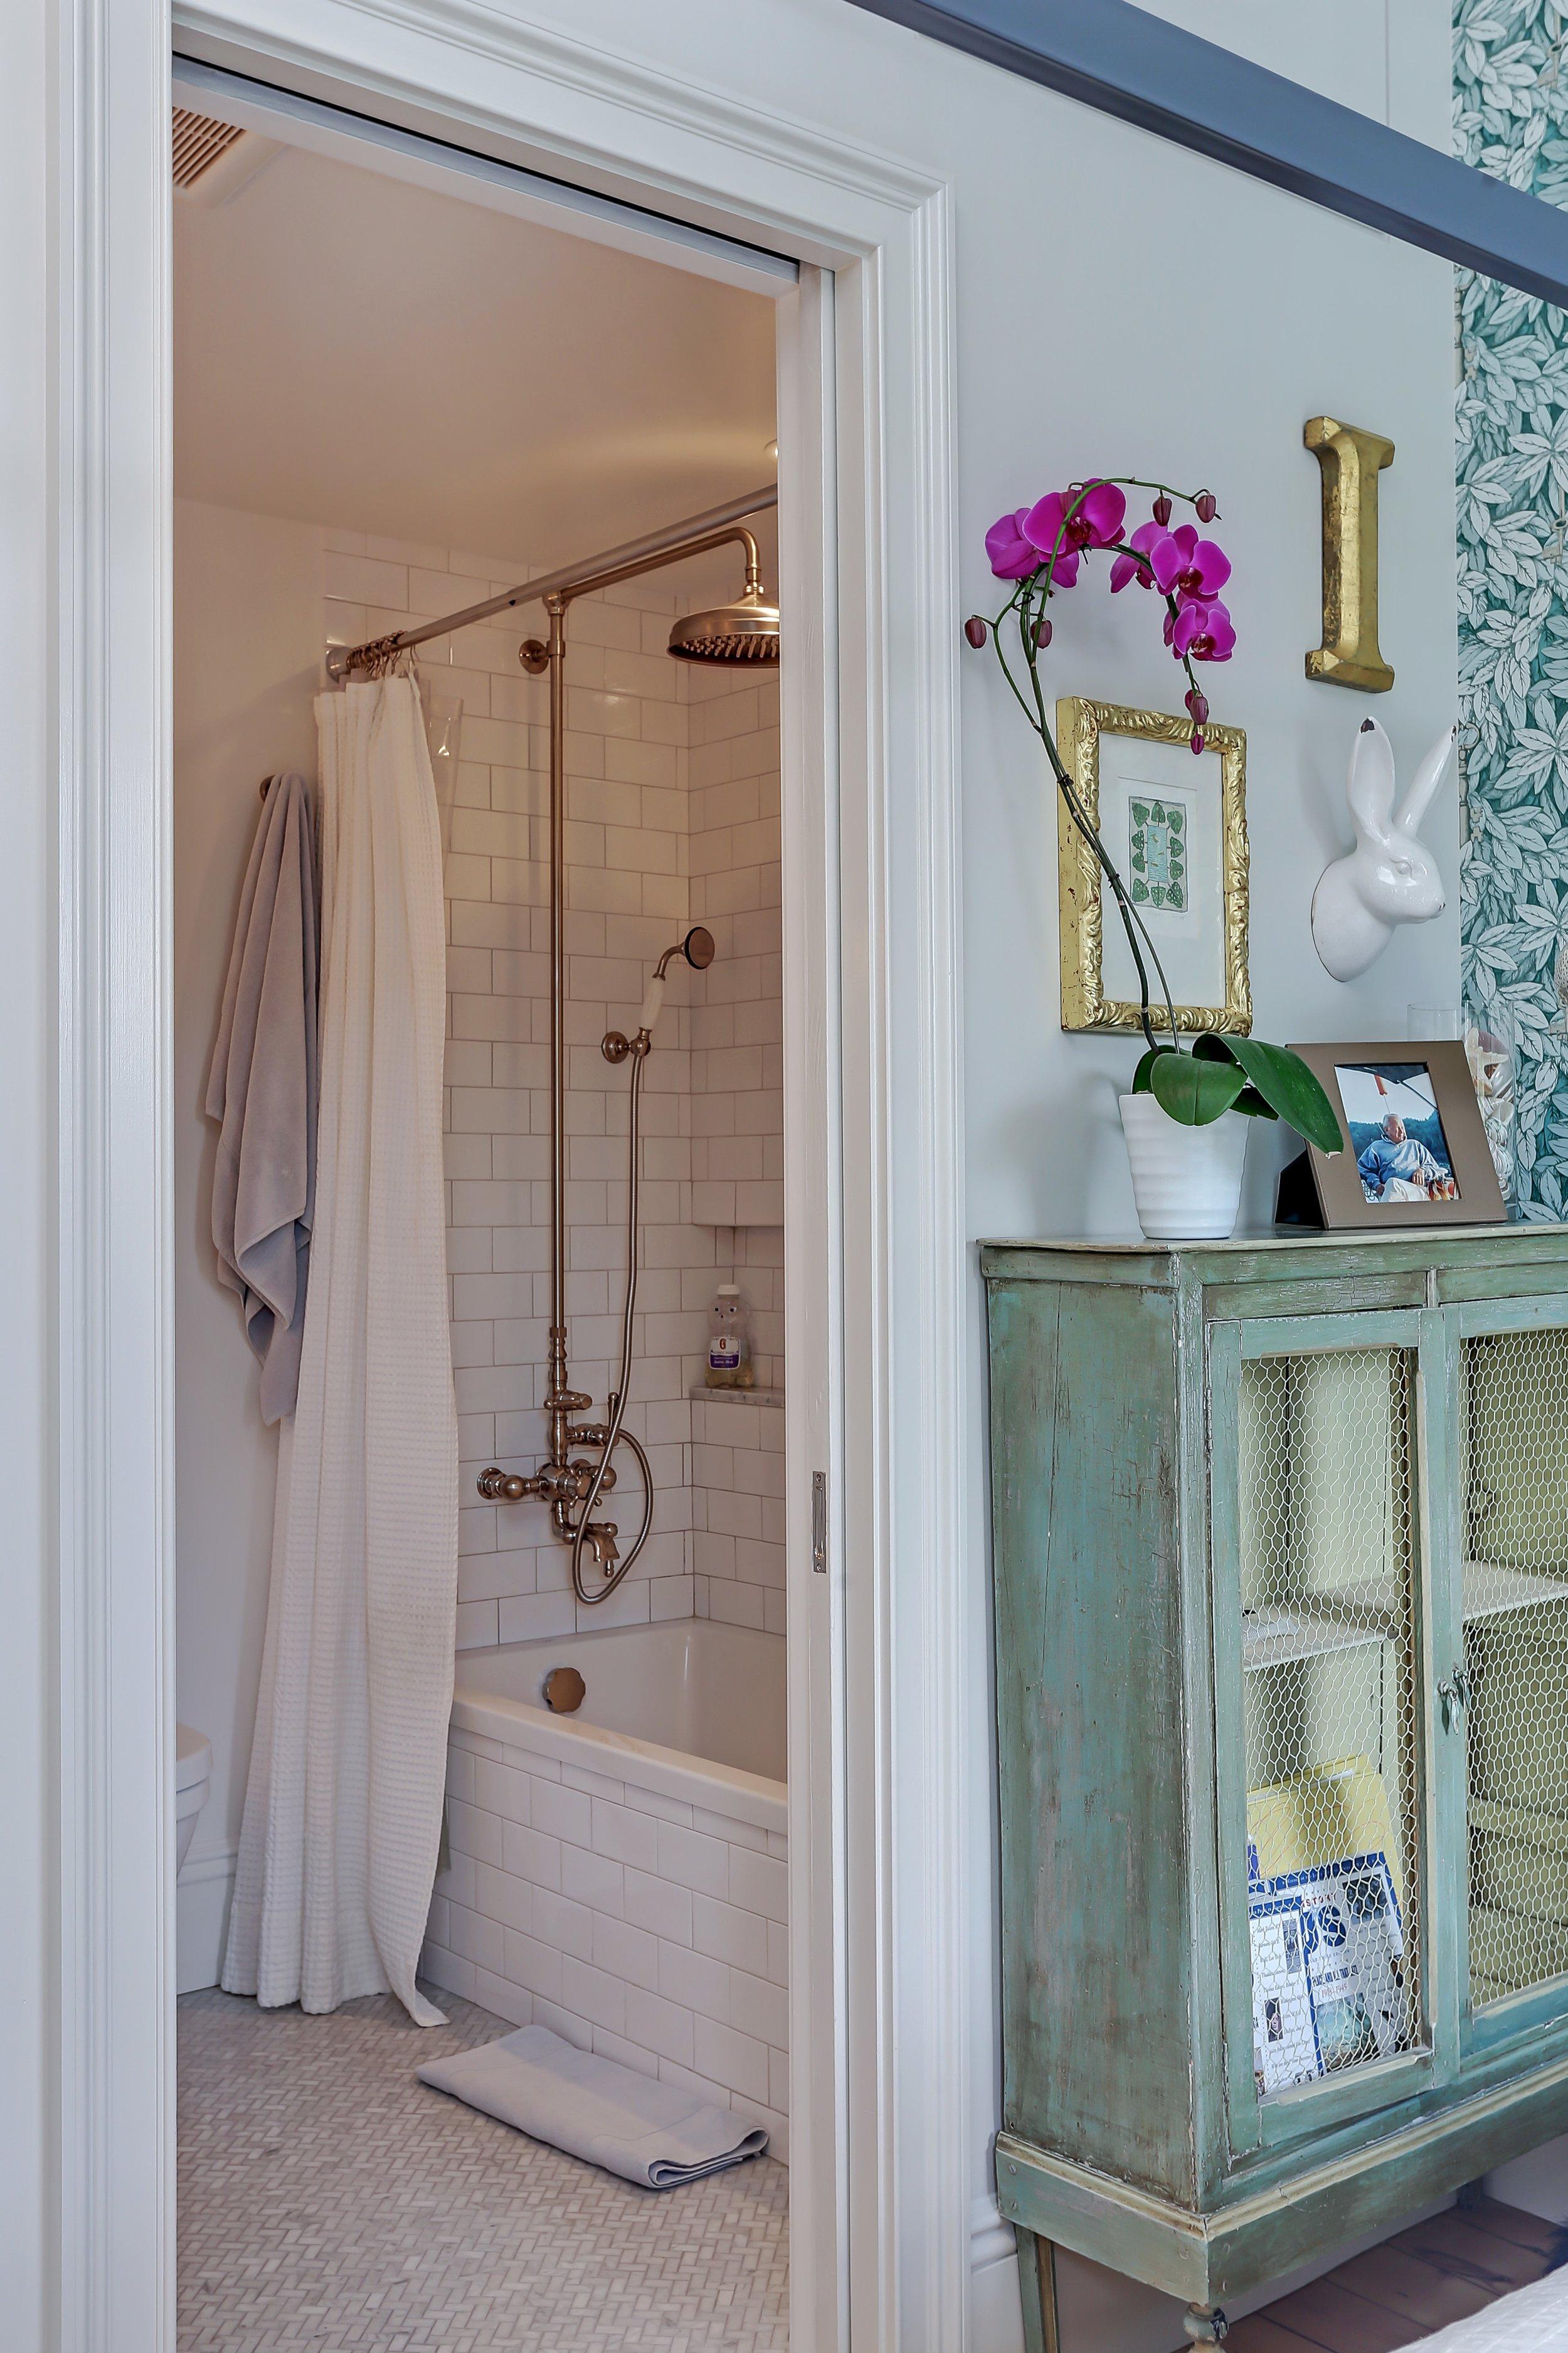 11_355PresidentSt_8_Bathroom_HiRes.jpg